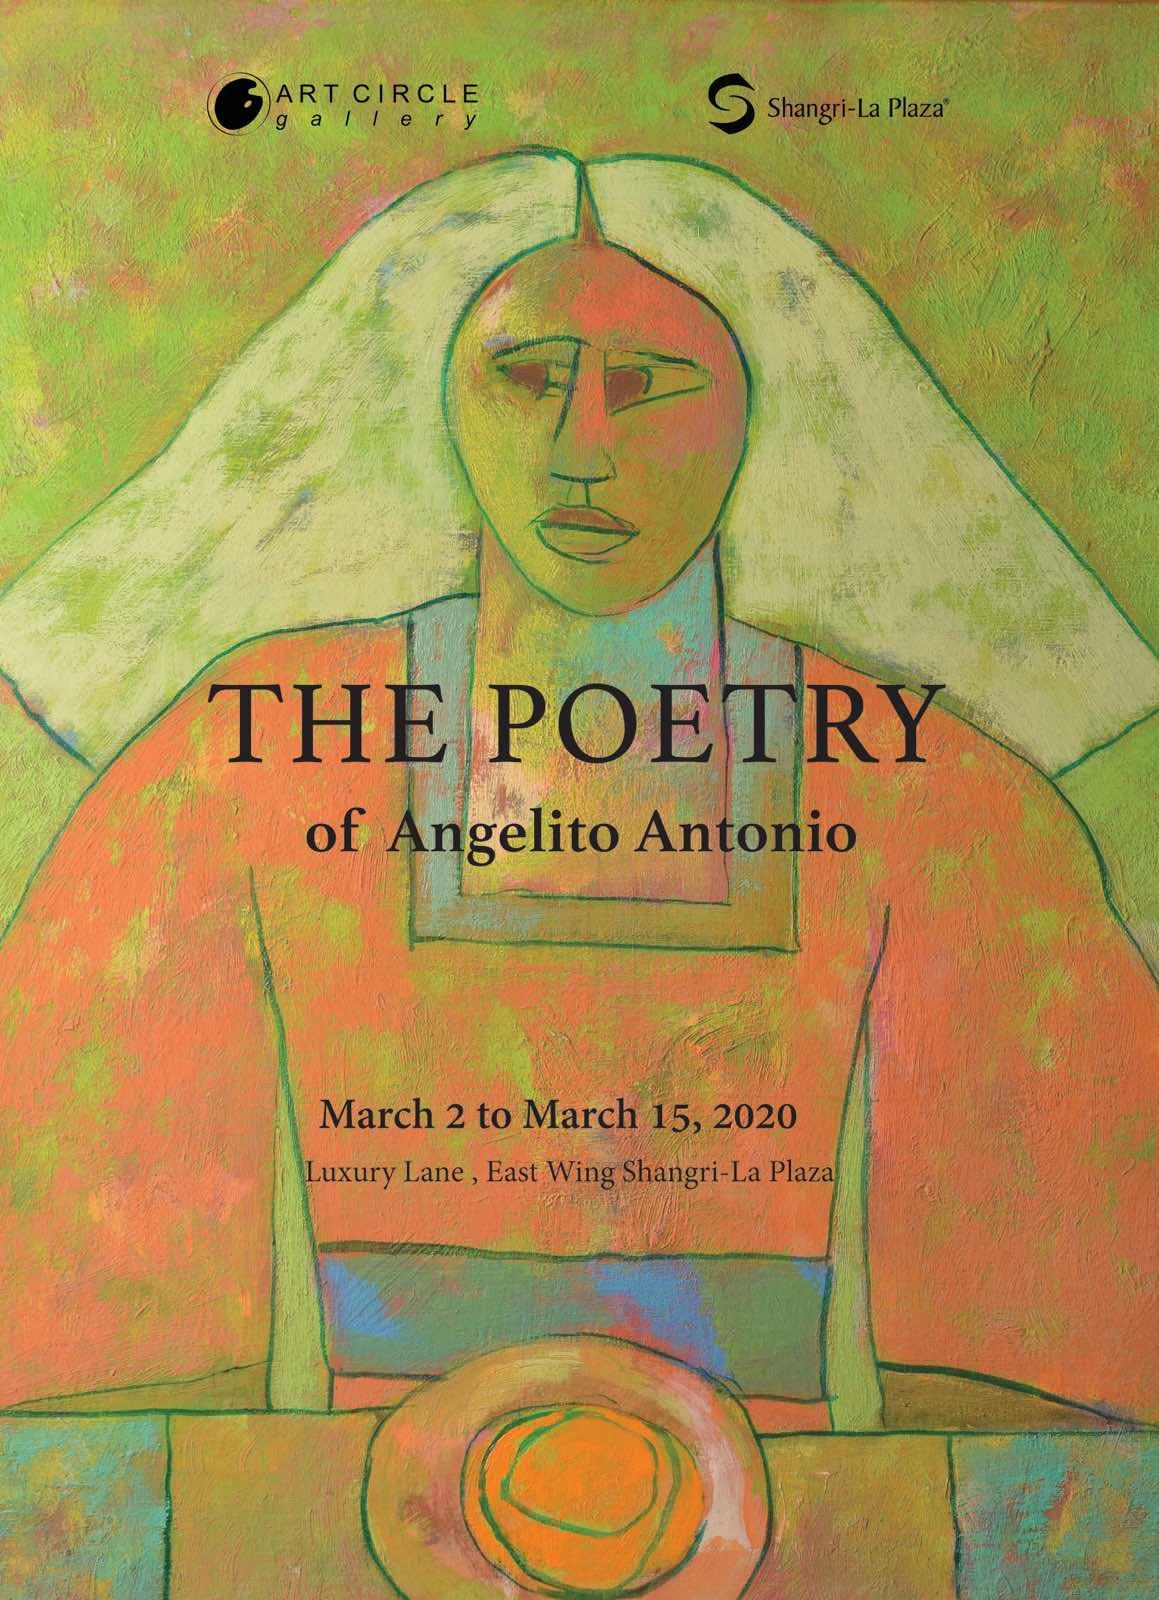 The Poetry of Angelito Antonio Poster